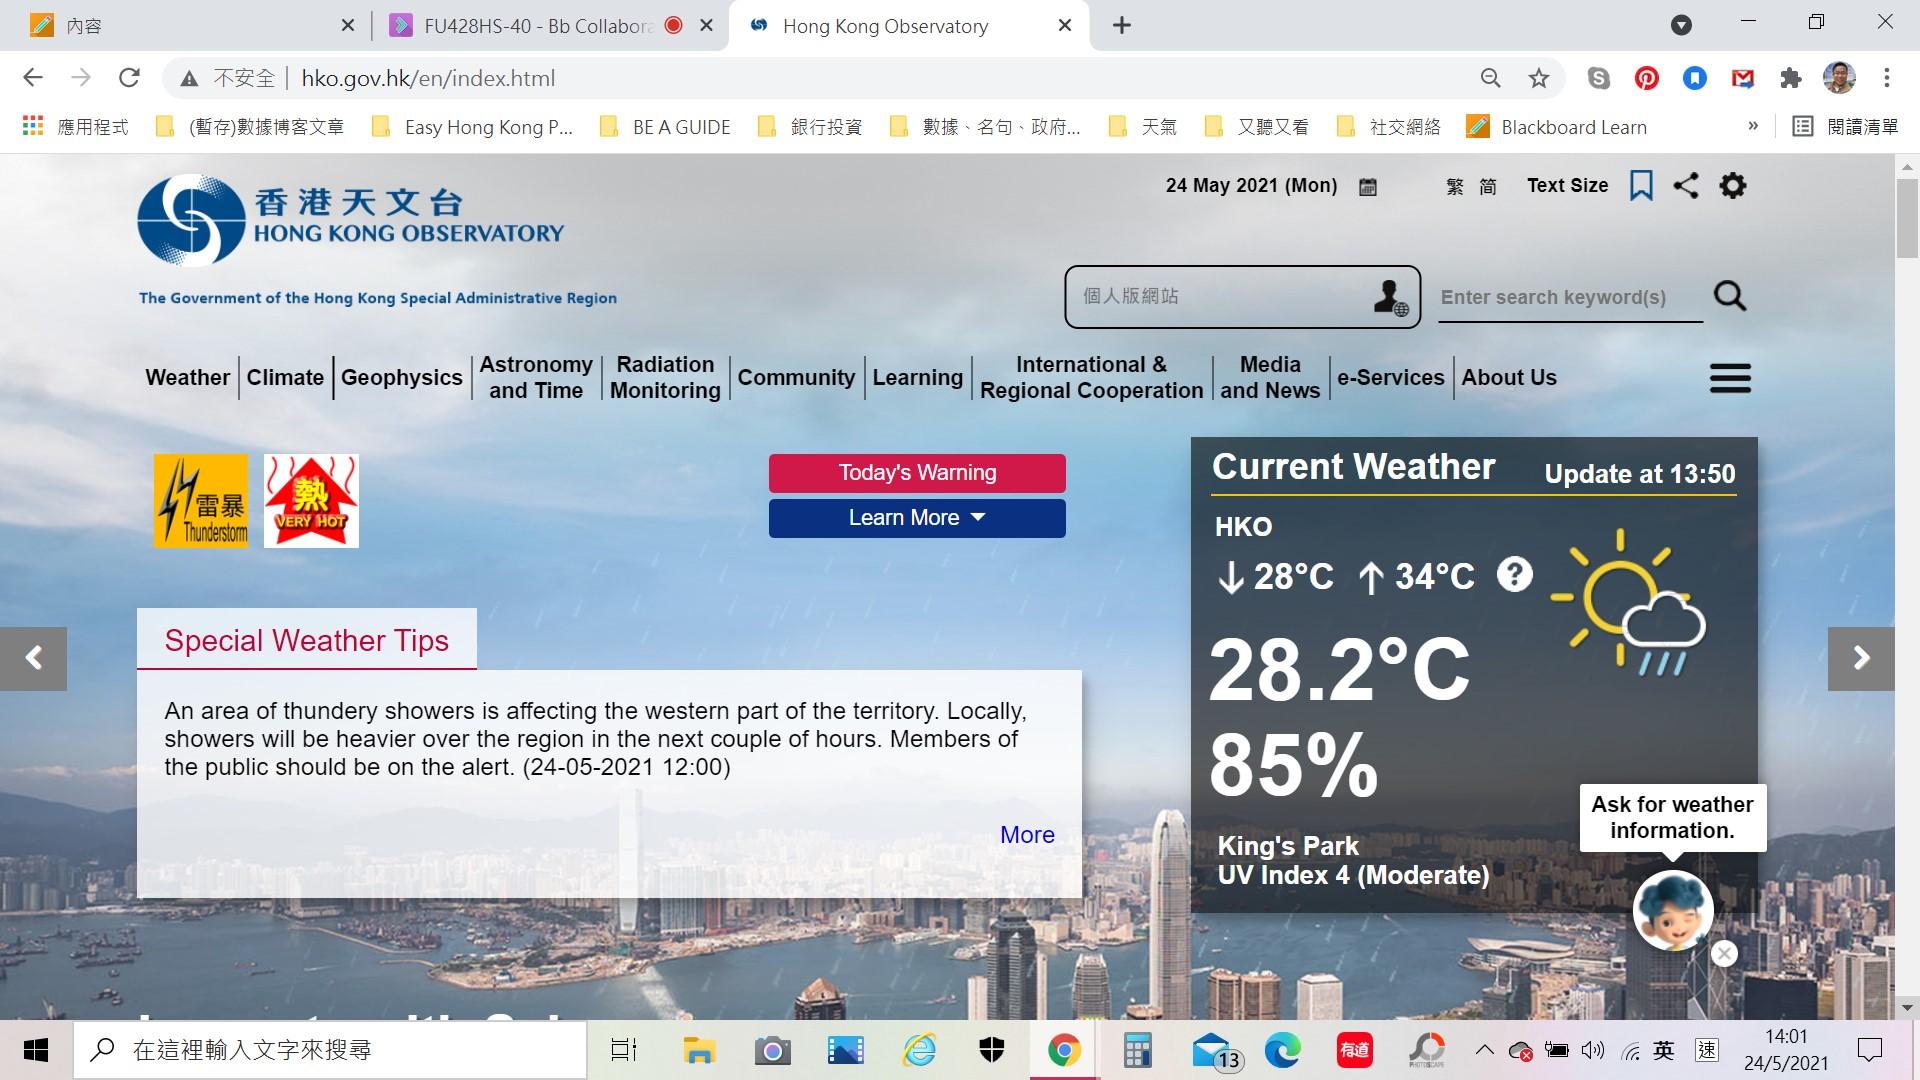 Hong Kong Observatory website homepage.